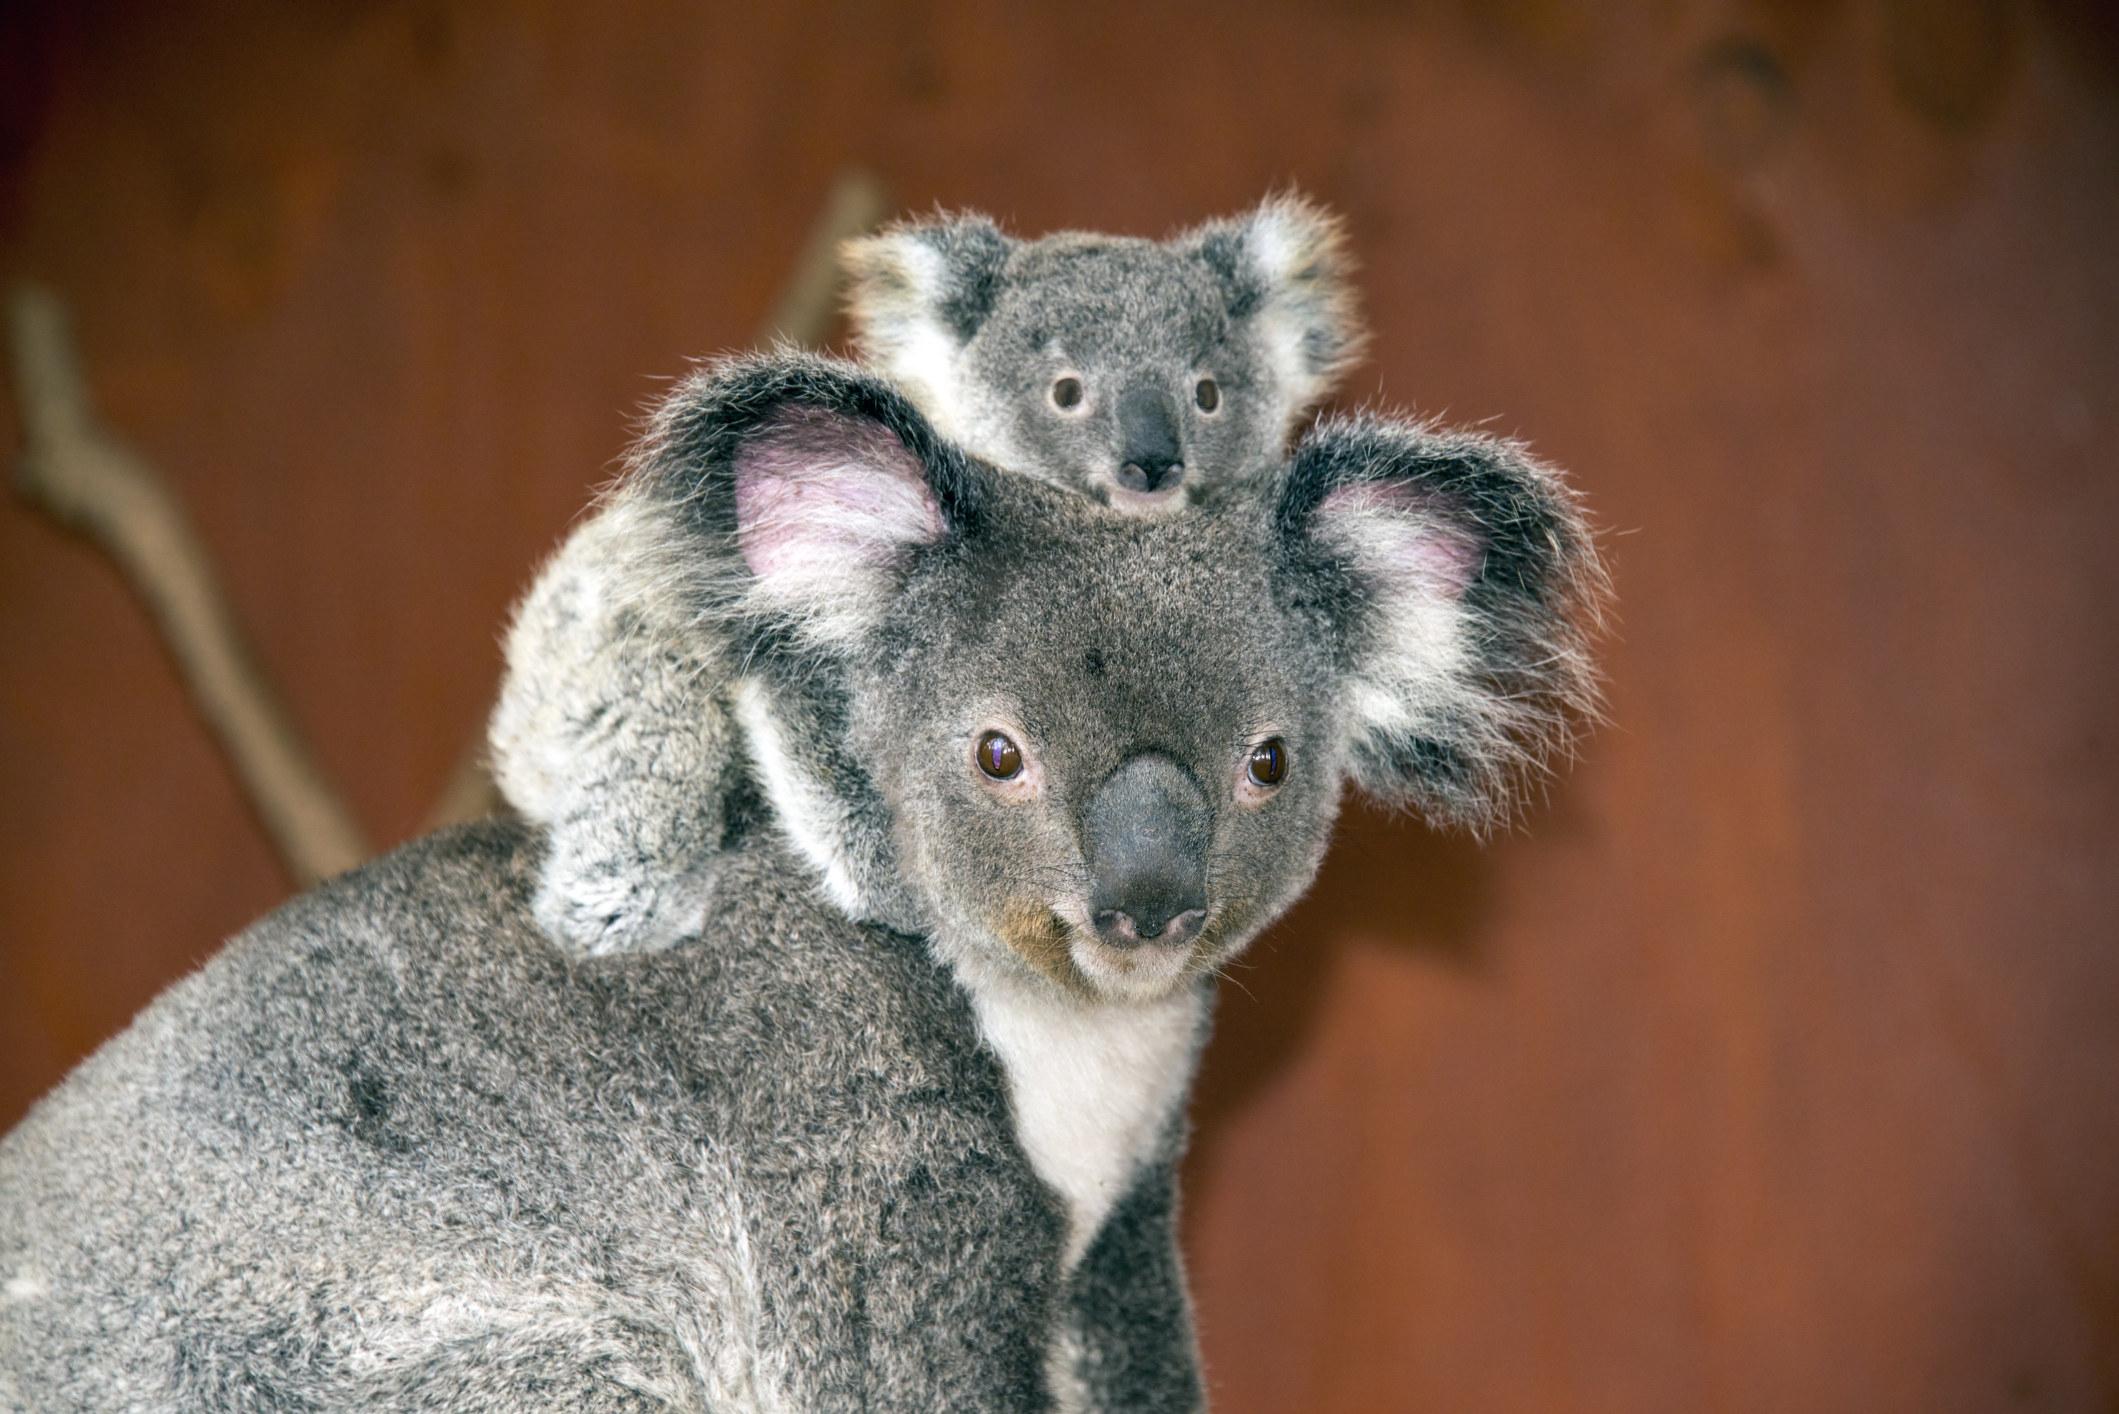 A baby and mama koala